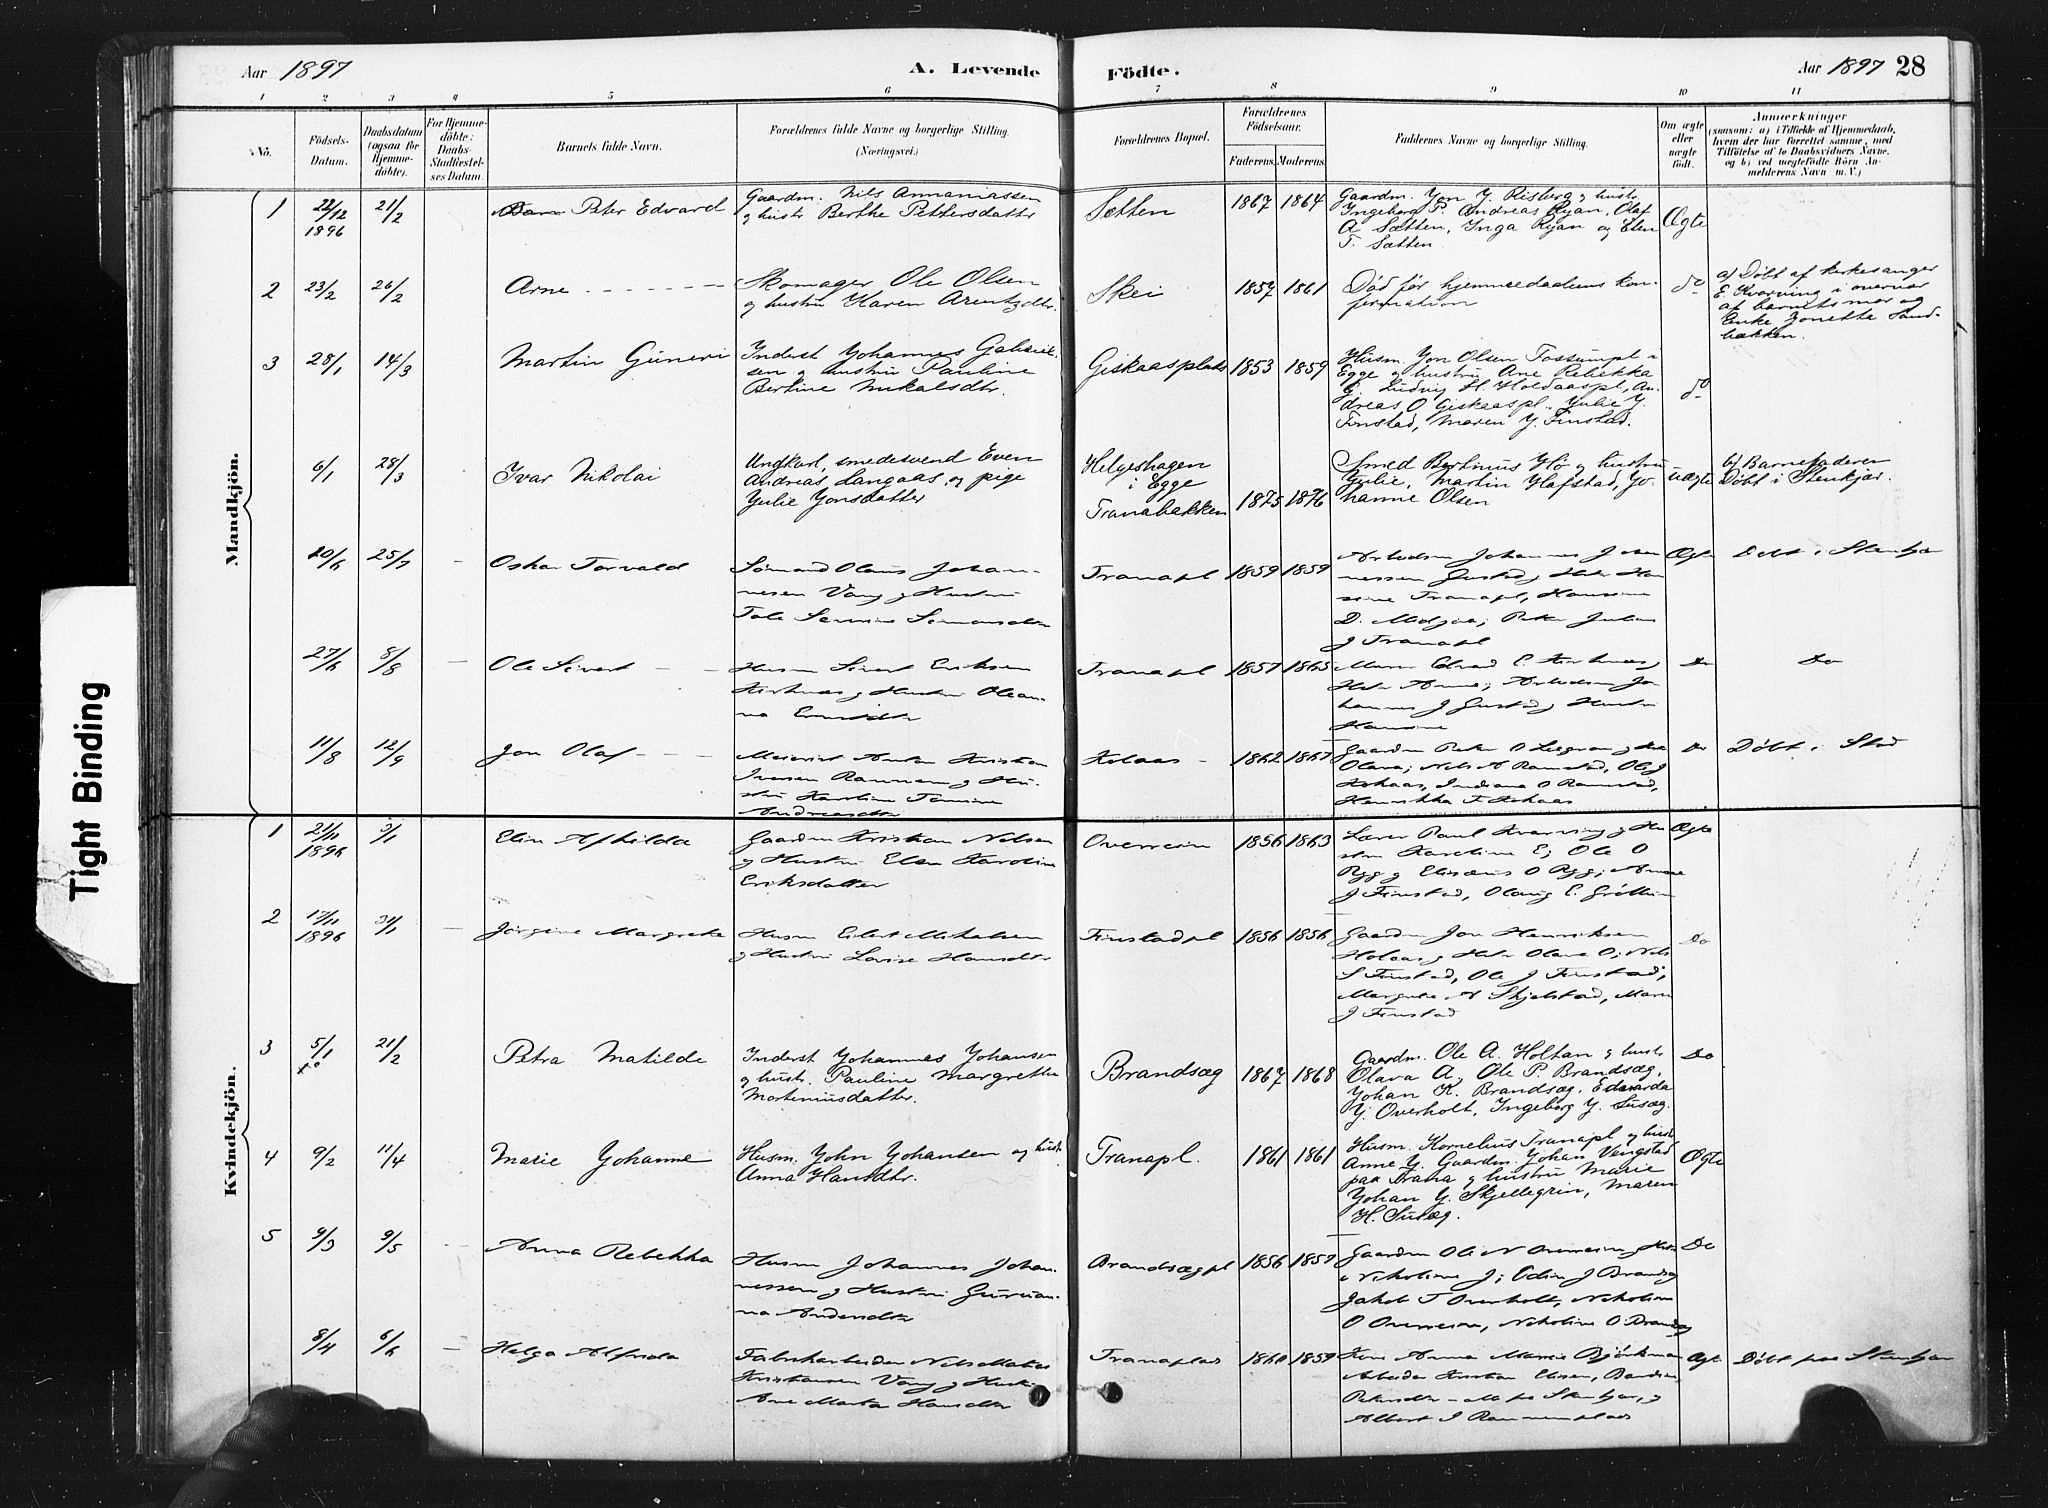 SAT, Ministerialprotokoller, klokkerbøker og fødselsregistre - Nord-Trøndelag, 736/L0361: Ministerialbok nr. 736A01, 1884-1906, s. 28